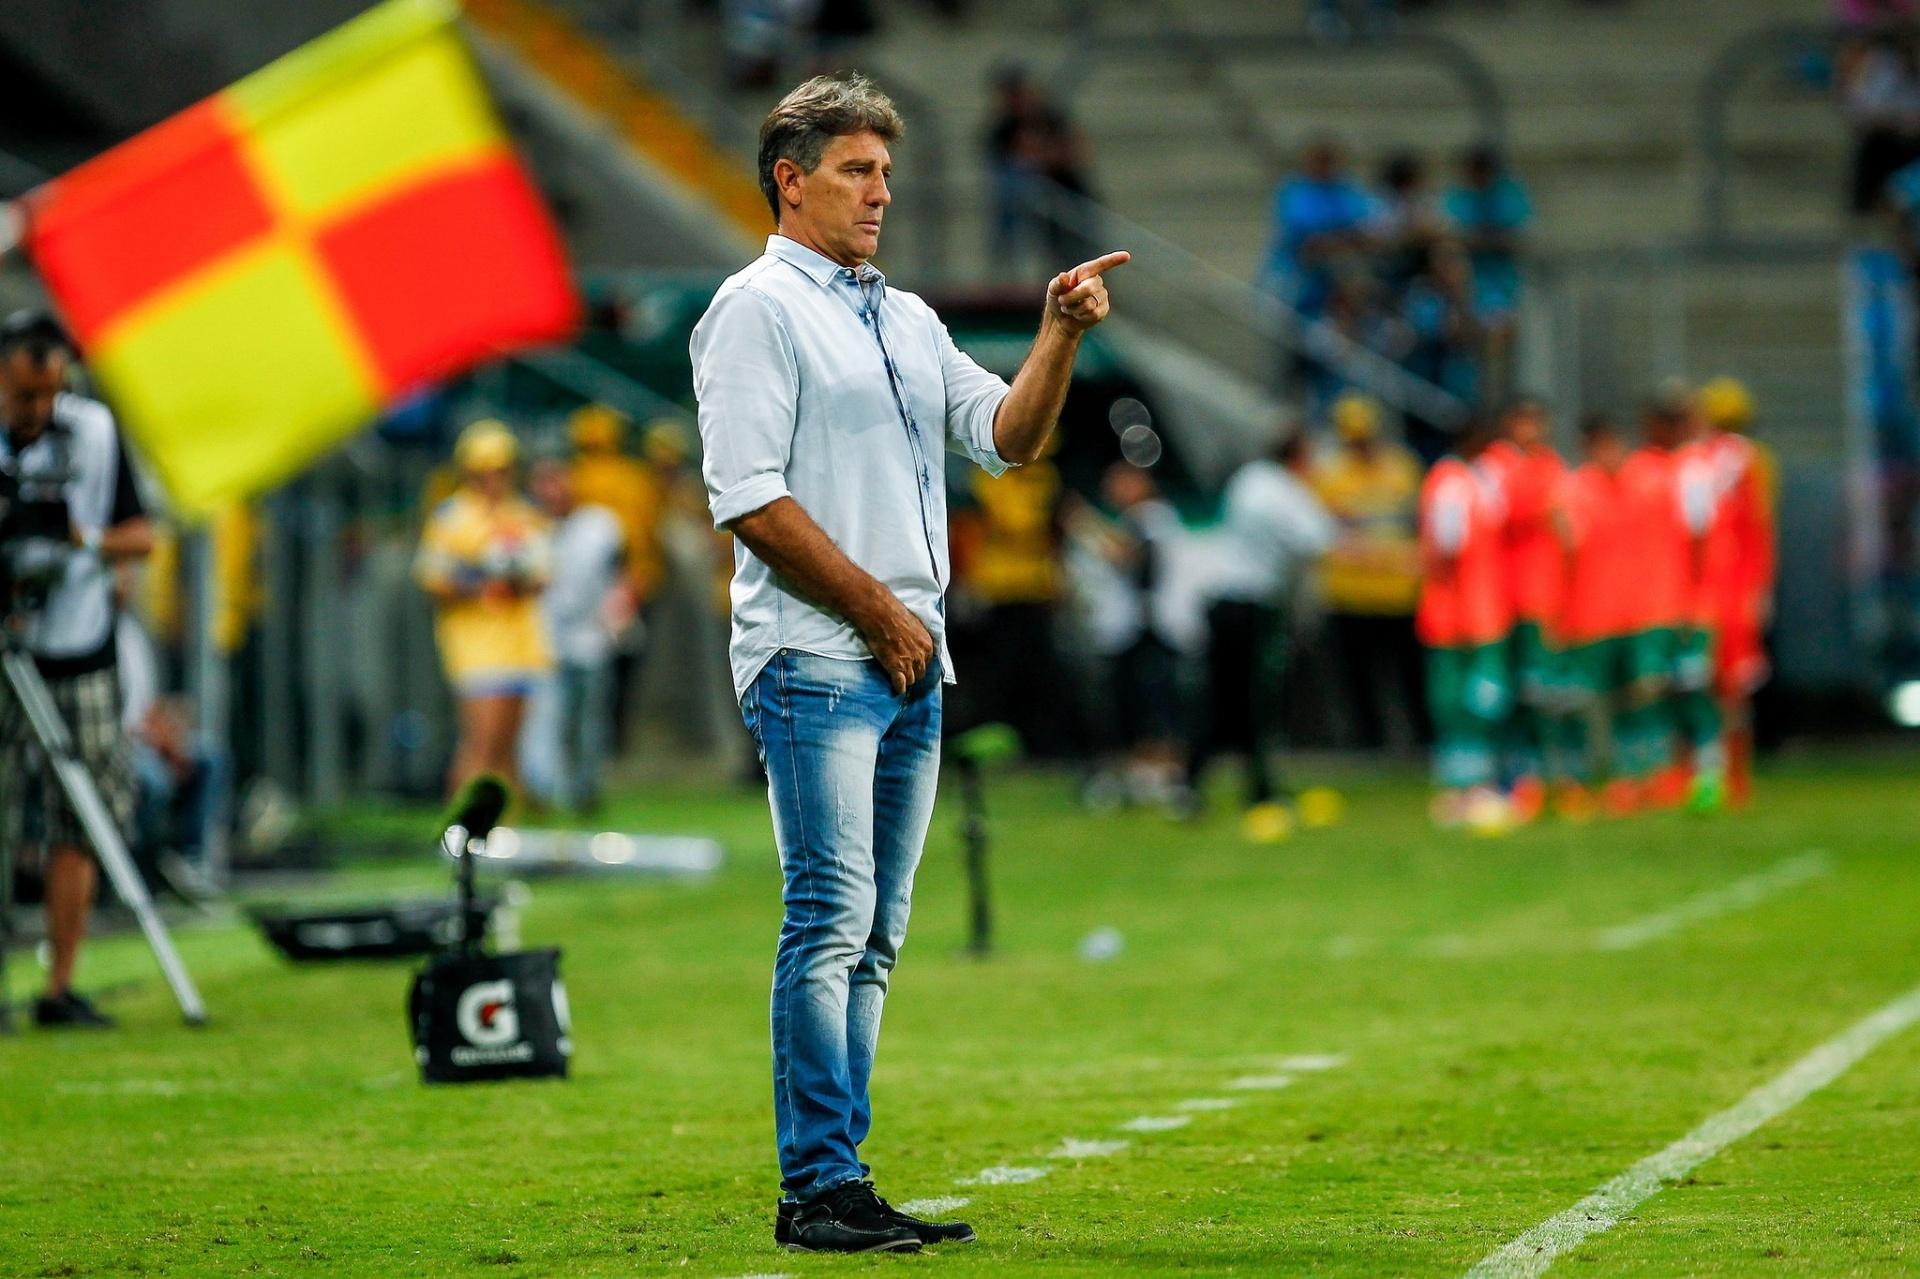 cb2f4761c47a5 Na ruim e na boa  Renato abraça excluídos e minimiza falhas do Grêmio -  31 03 2017 - UOL Esporte